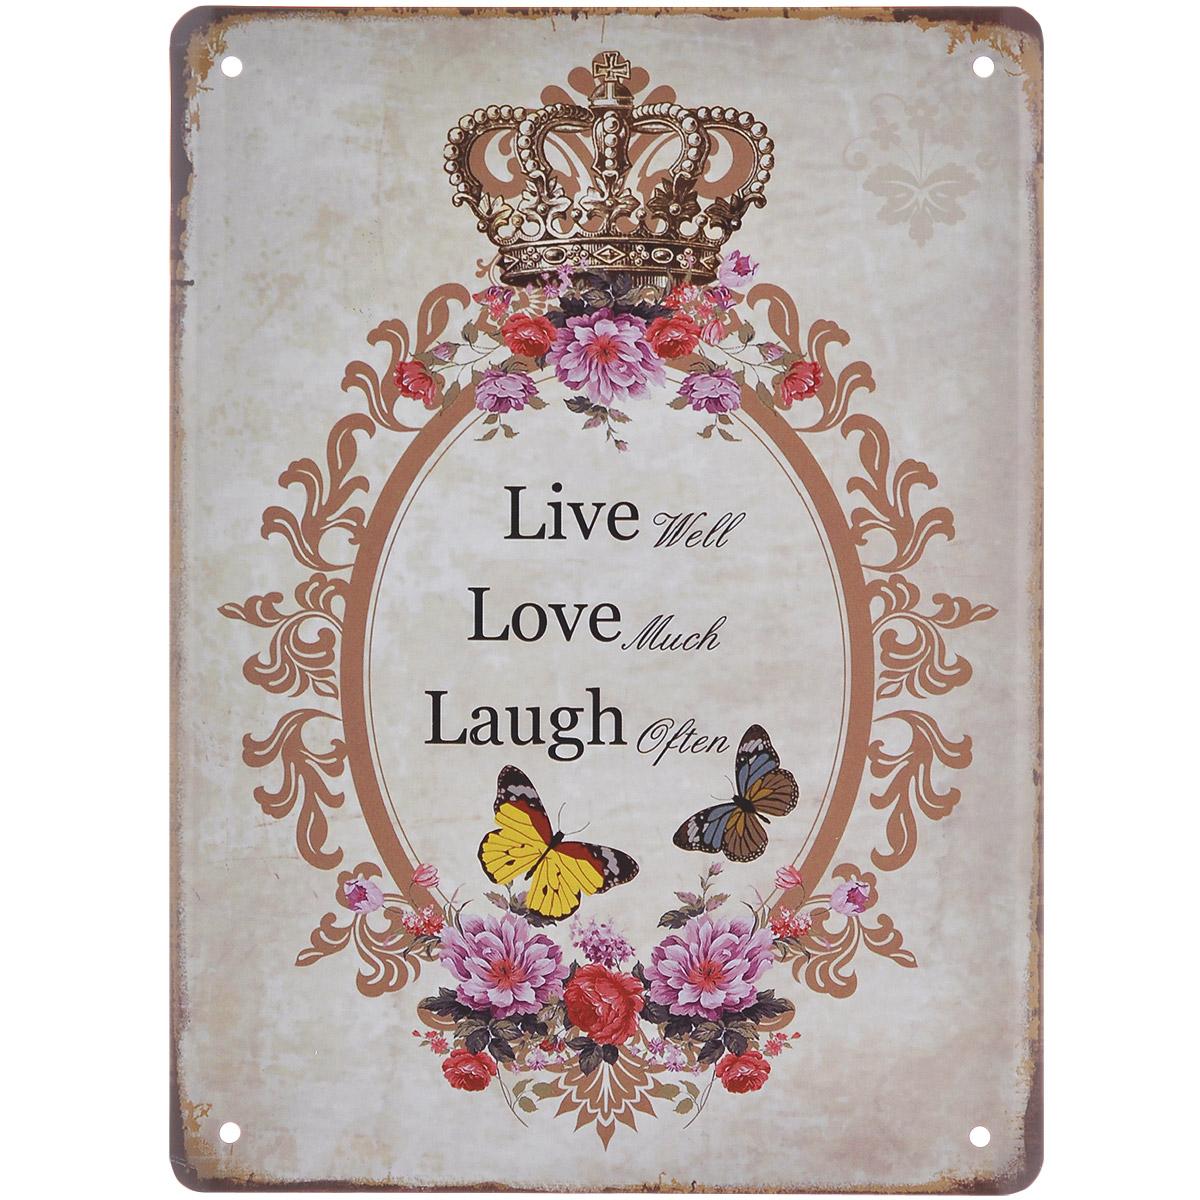 Постер Феникс-презент Для королевы, 15 см х 20 см - Феникс-презент37445Постер Феникс-презент Для королевы выполнен из черного металла. На постере изображены корона, цветы, бабочки и текст Live Well Love Much Laugh Often. Постер заинтересует всех любителей оригинальных вещиц и доставит массу положительных эмоций своему обладателю. Картина для интерьера (постер) - современное и актуальное направление в дизайне любых помещений. Постер может использоваться для оформления любых интерьеров: - дом, квартира (гостиная, спальня, кухня, прихожая, детская); - офис (комната переговоров, холл, кабинет); - бар, кафе, ресторан или гостиница. Из мелочей складывается стиль интерьера. Постер Феникс-презент Для королевы одна из тех деталей, которые придают интерьеру обжитой вид и создают ощущение уюта.